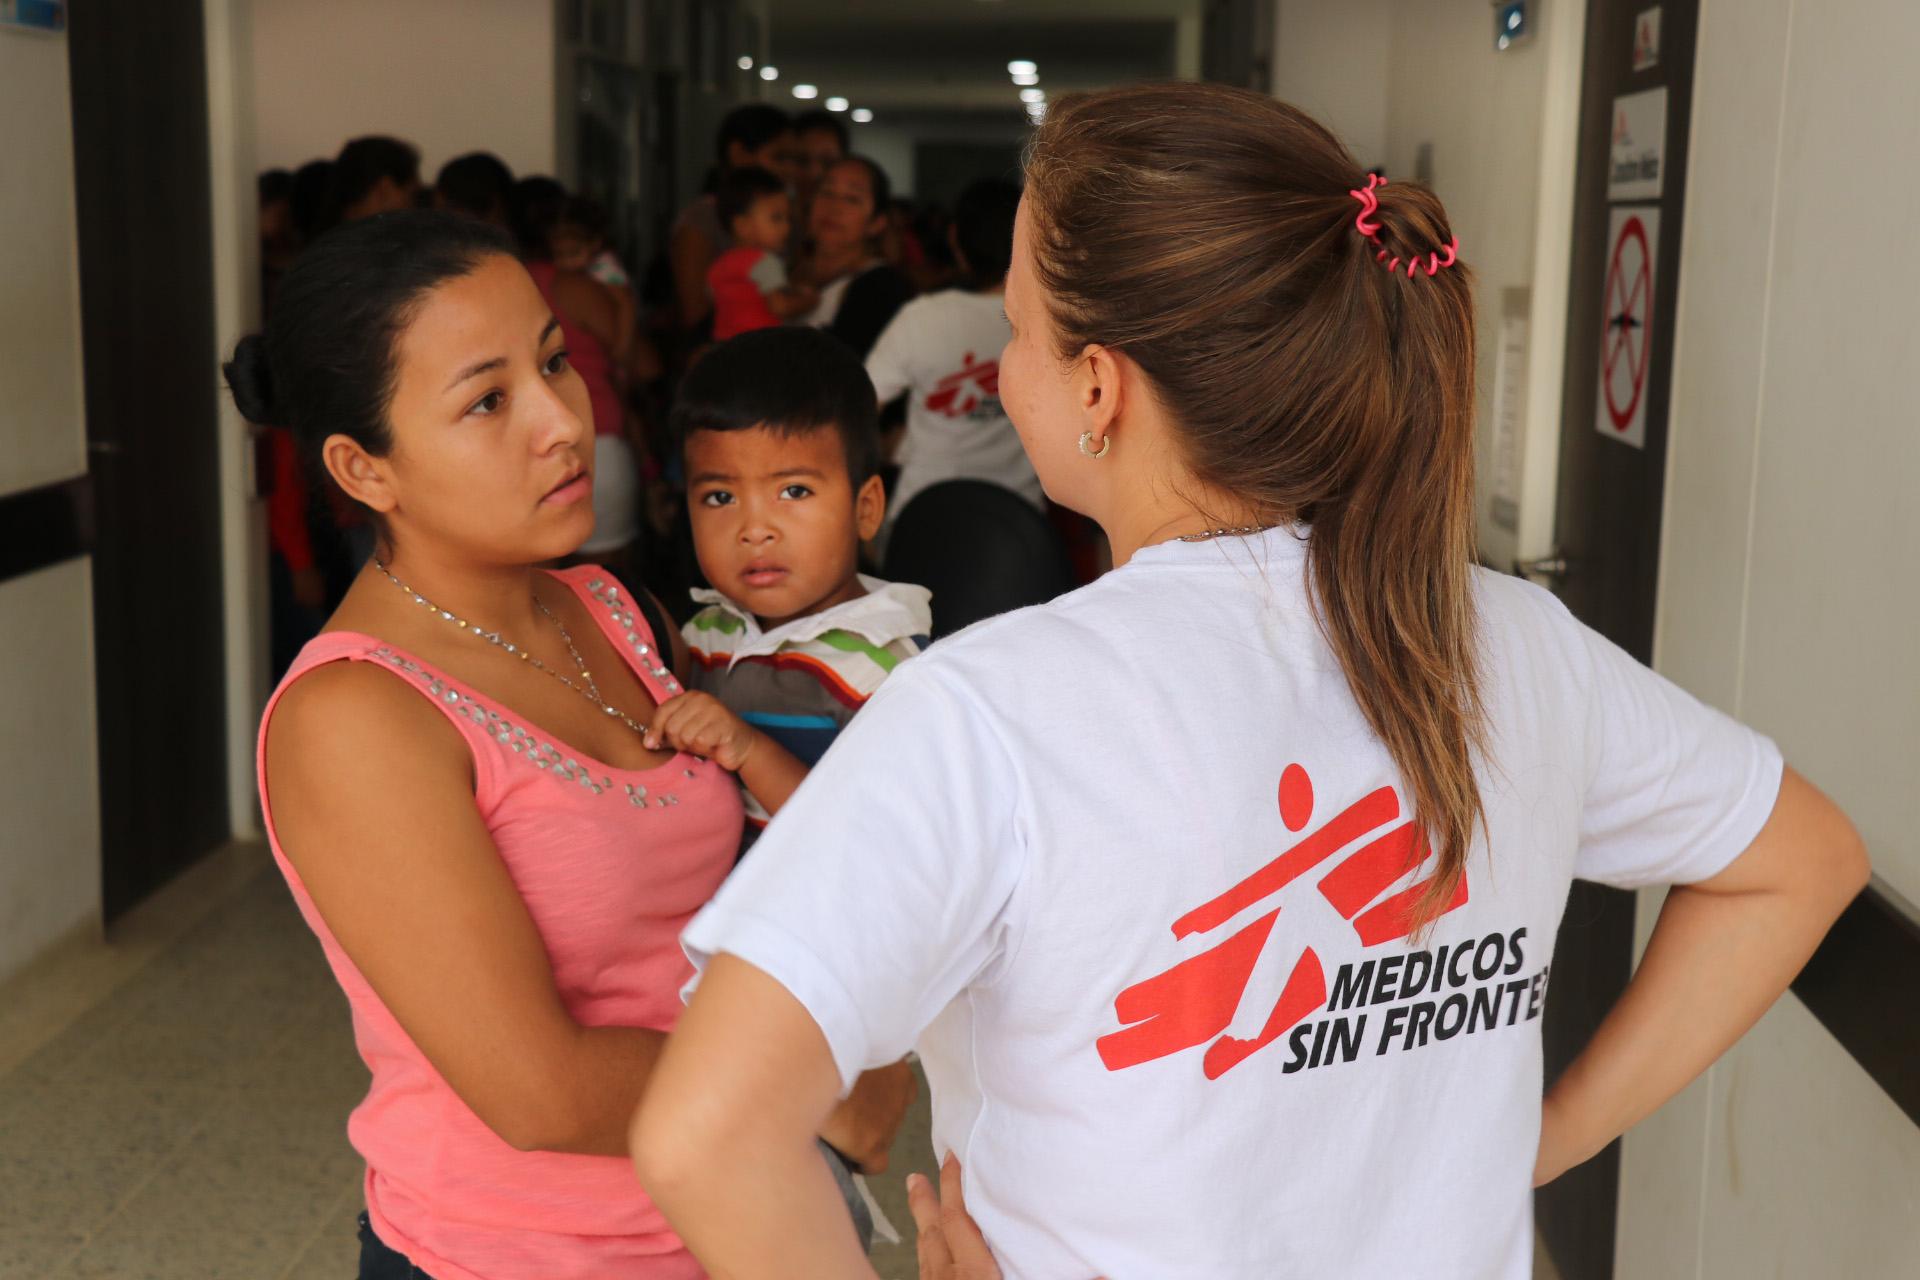 Migrantes venezuelanos enfrentam dificuldades de acesso aos serviços de saúde na Colômbia